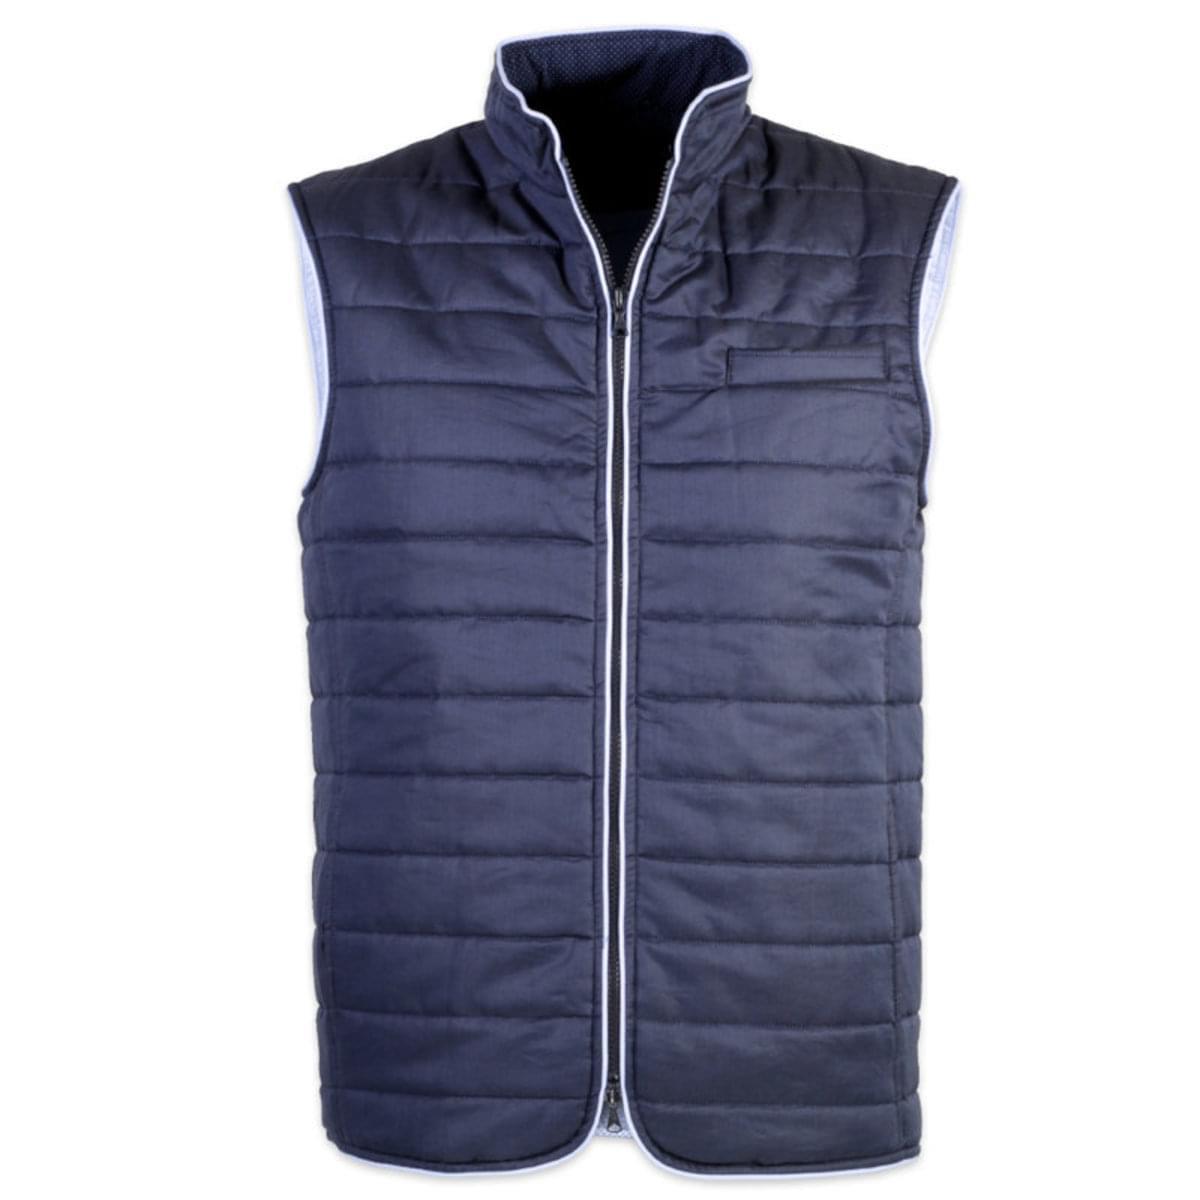 Pánská prošívaná vesta Robin 7542 ve tmavě modré barvě M